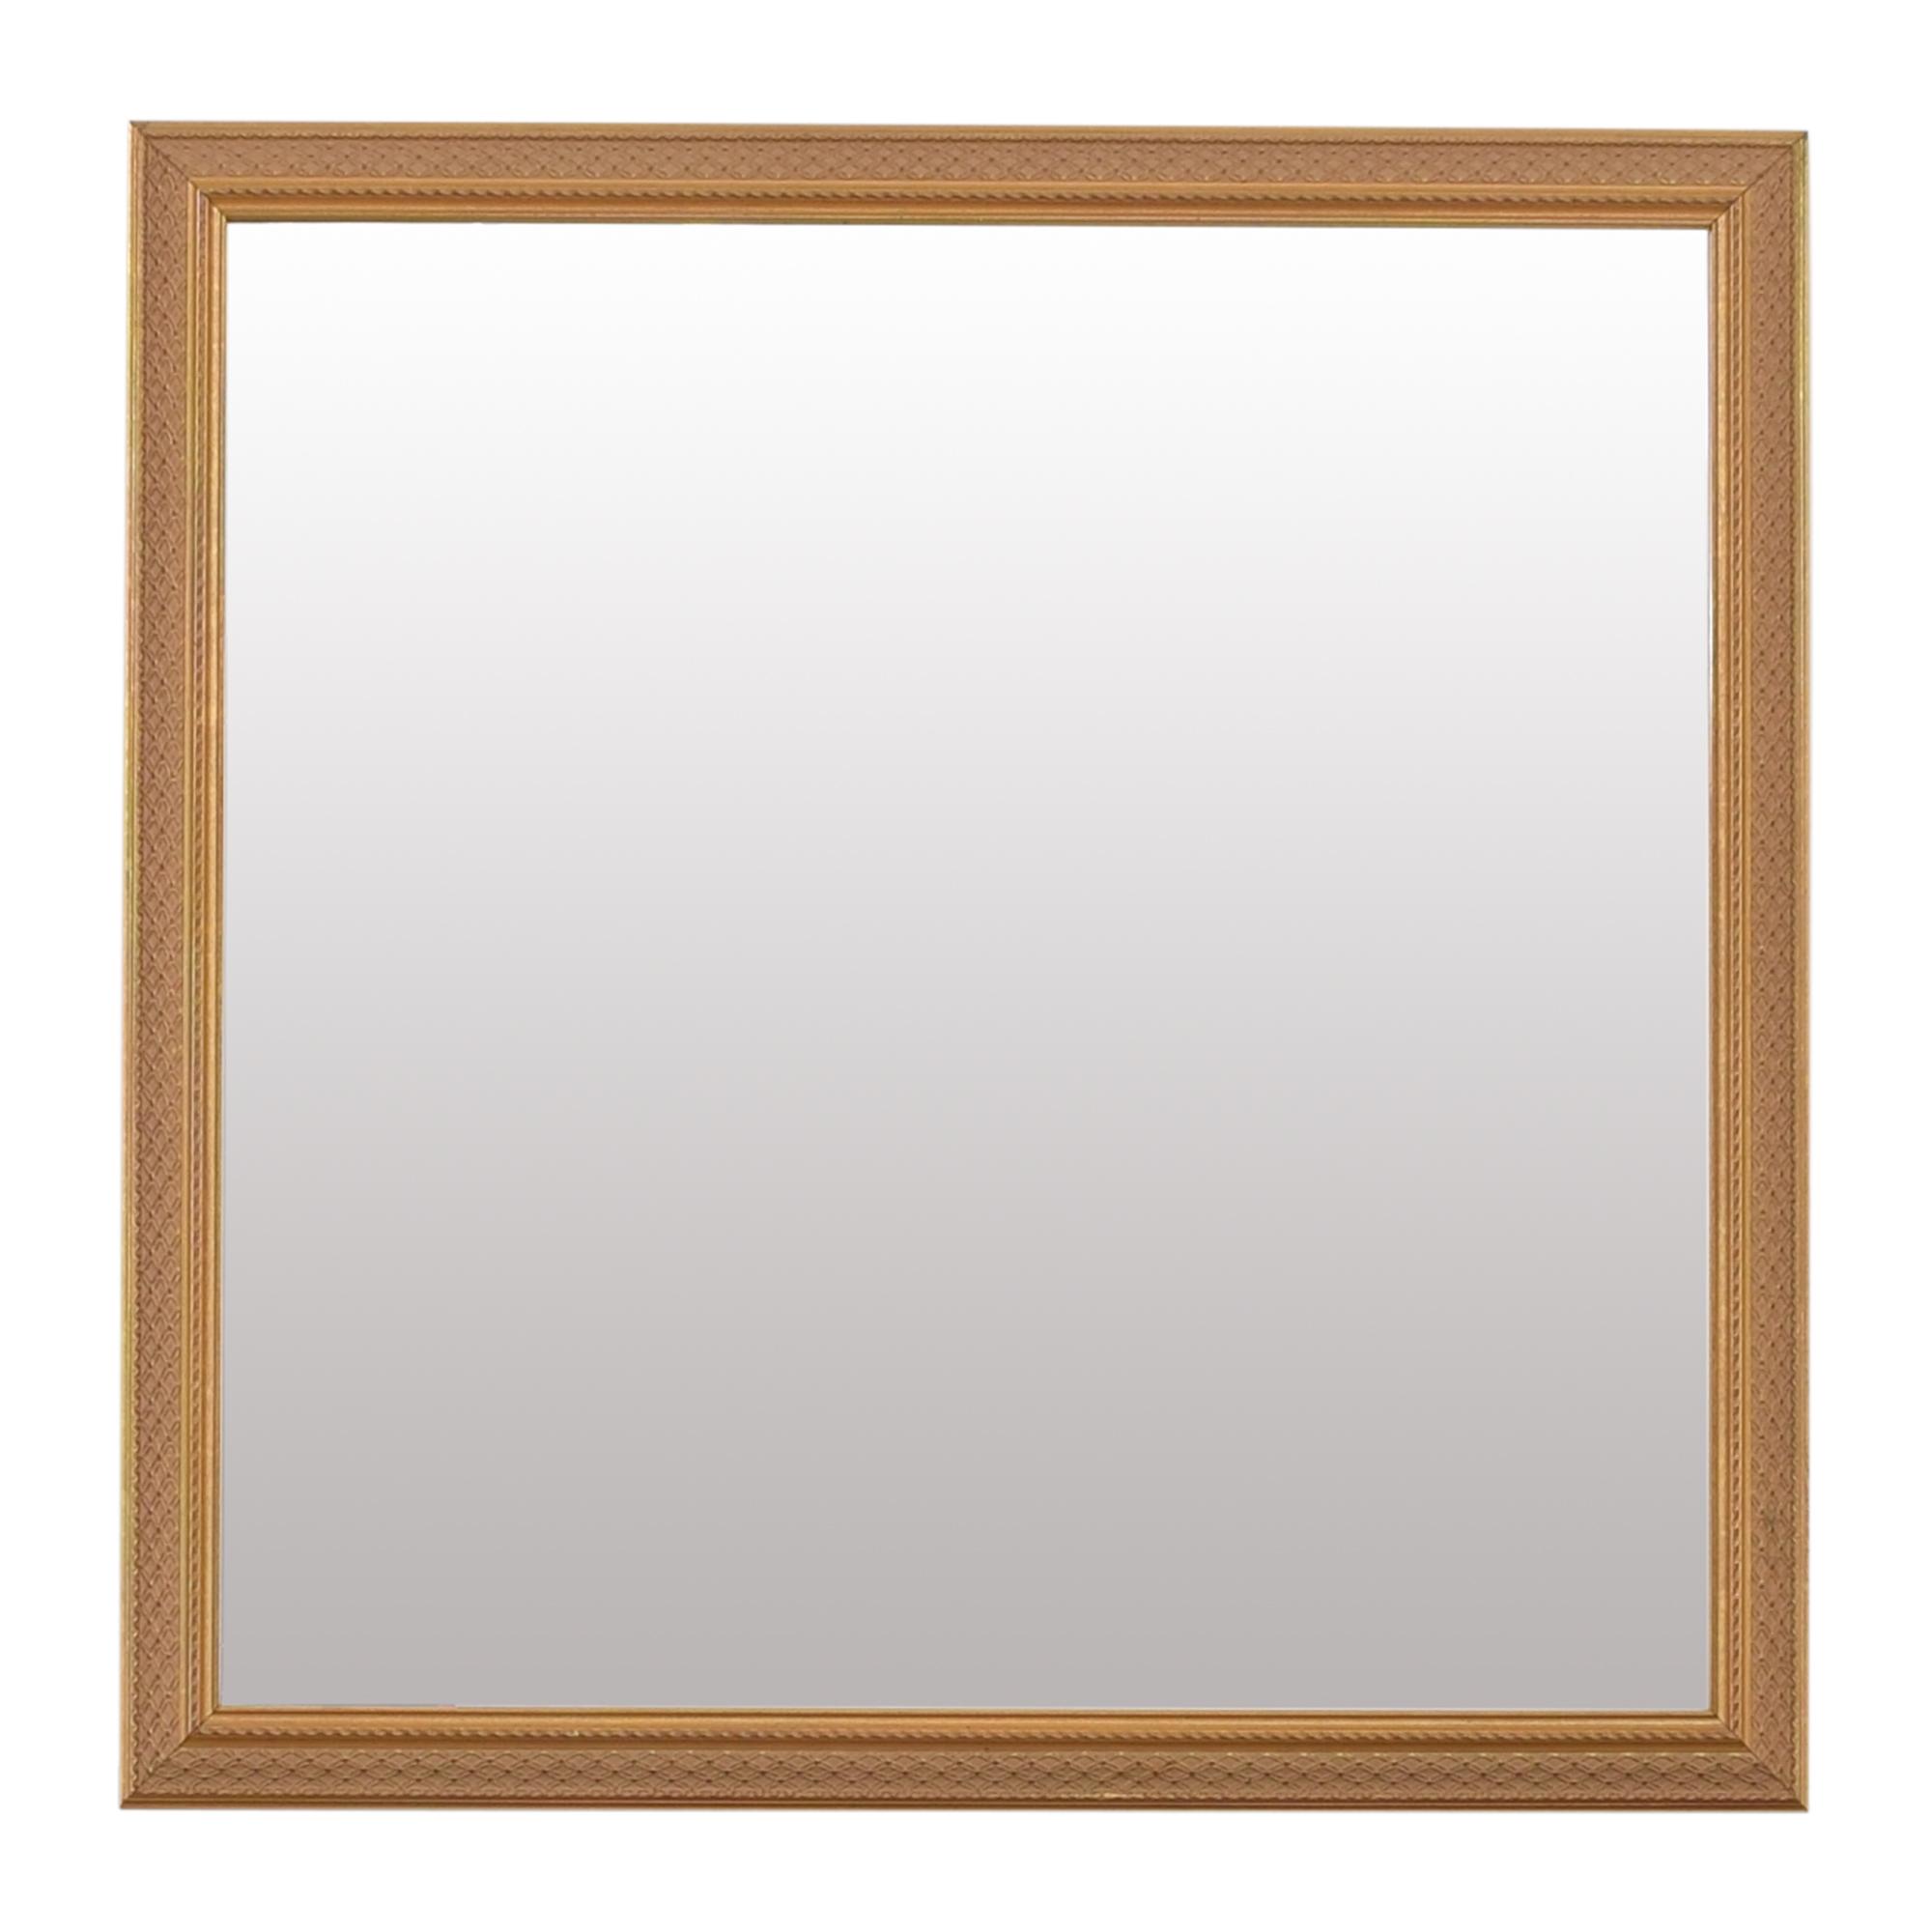 ABC Carpet & Home ABC Carpet & Home Framed Wall Mirror nj